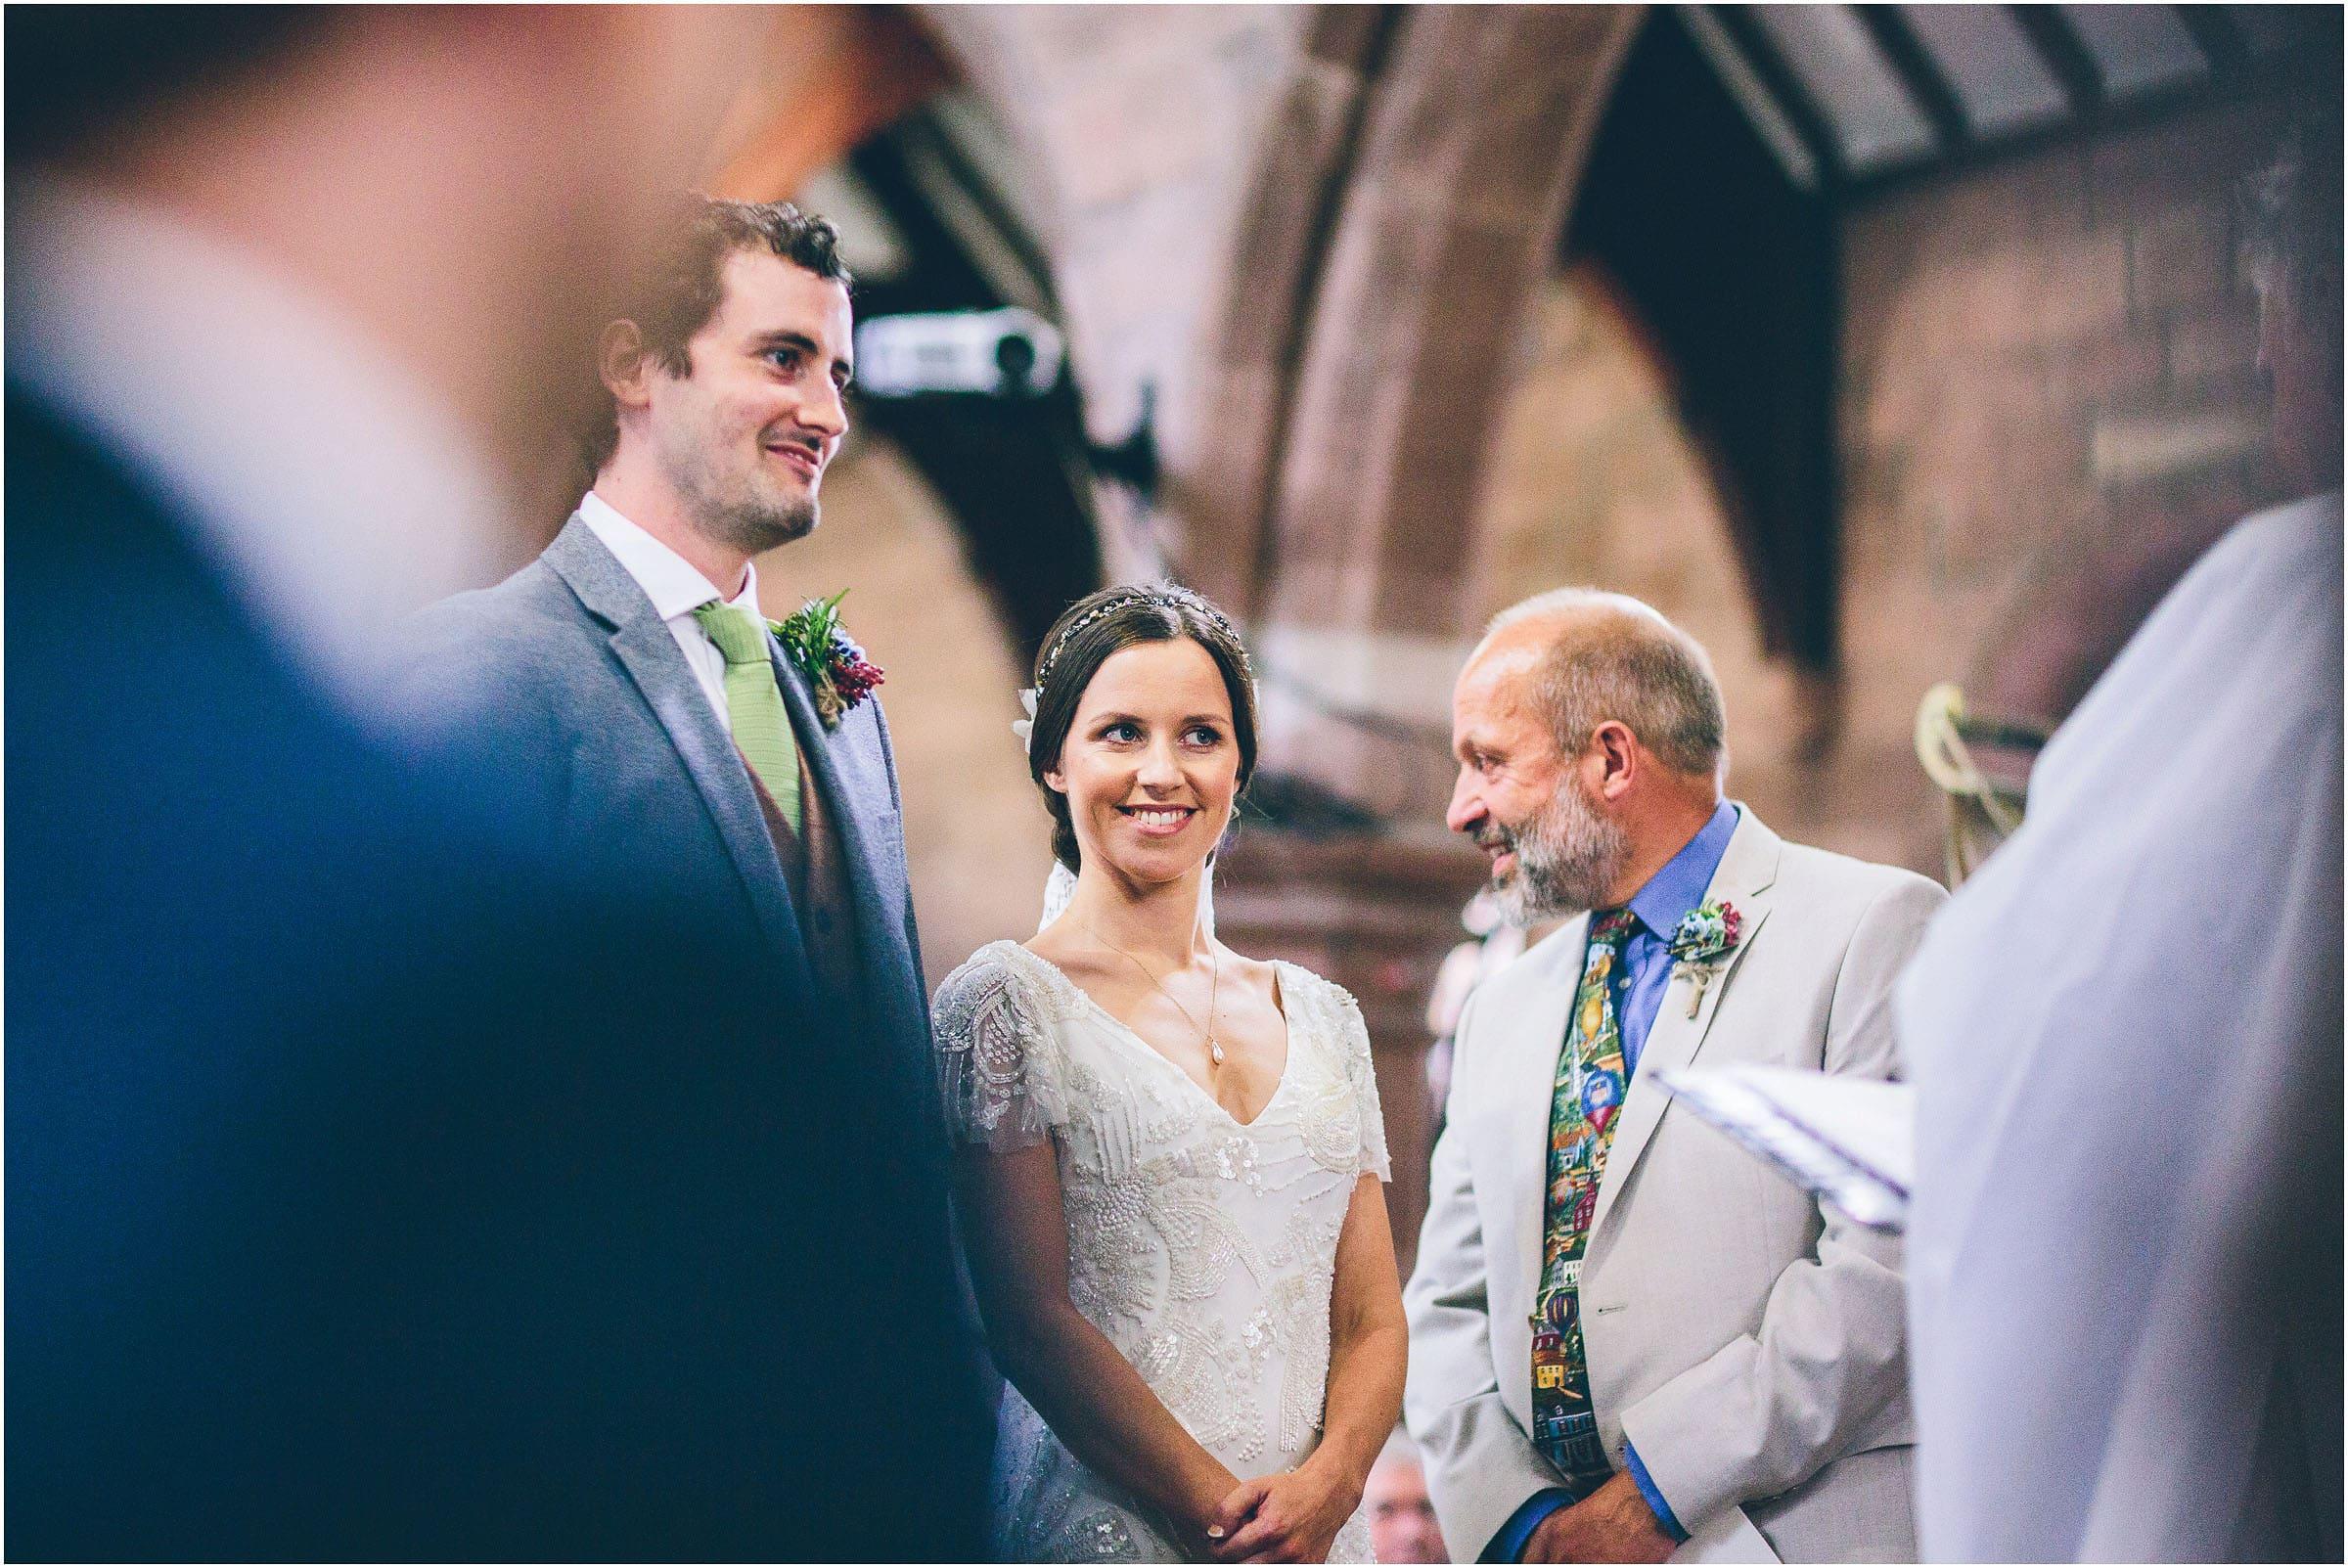 Harthill_Weddings_Wedding_Photography_0048